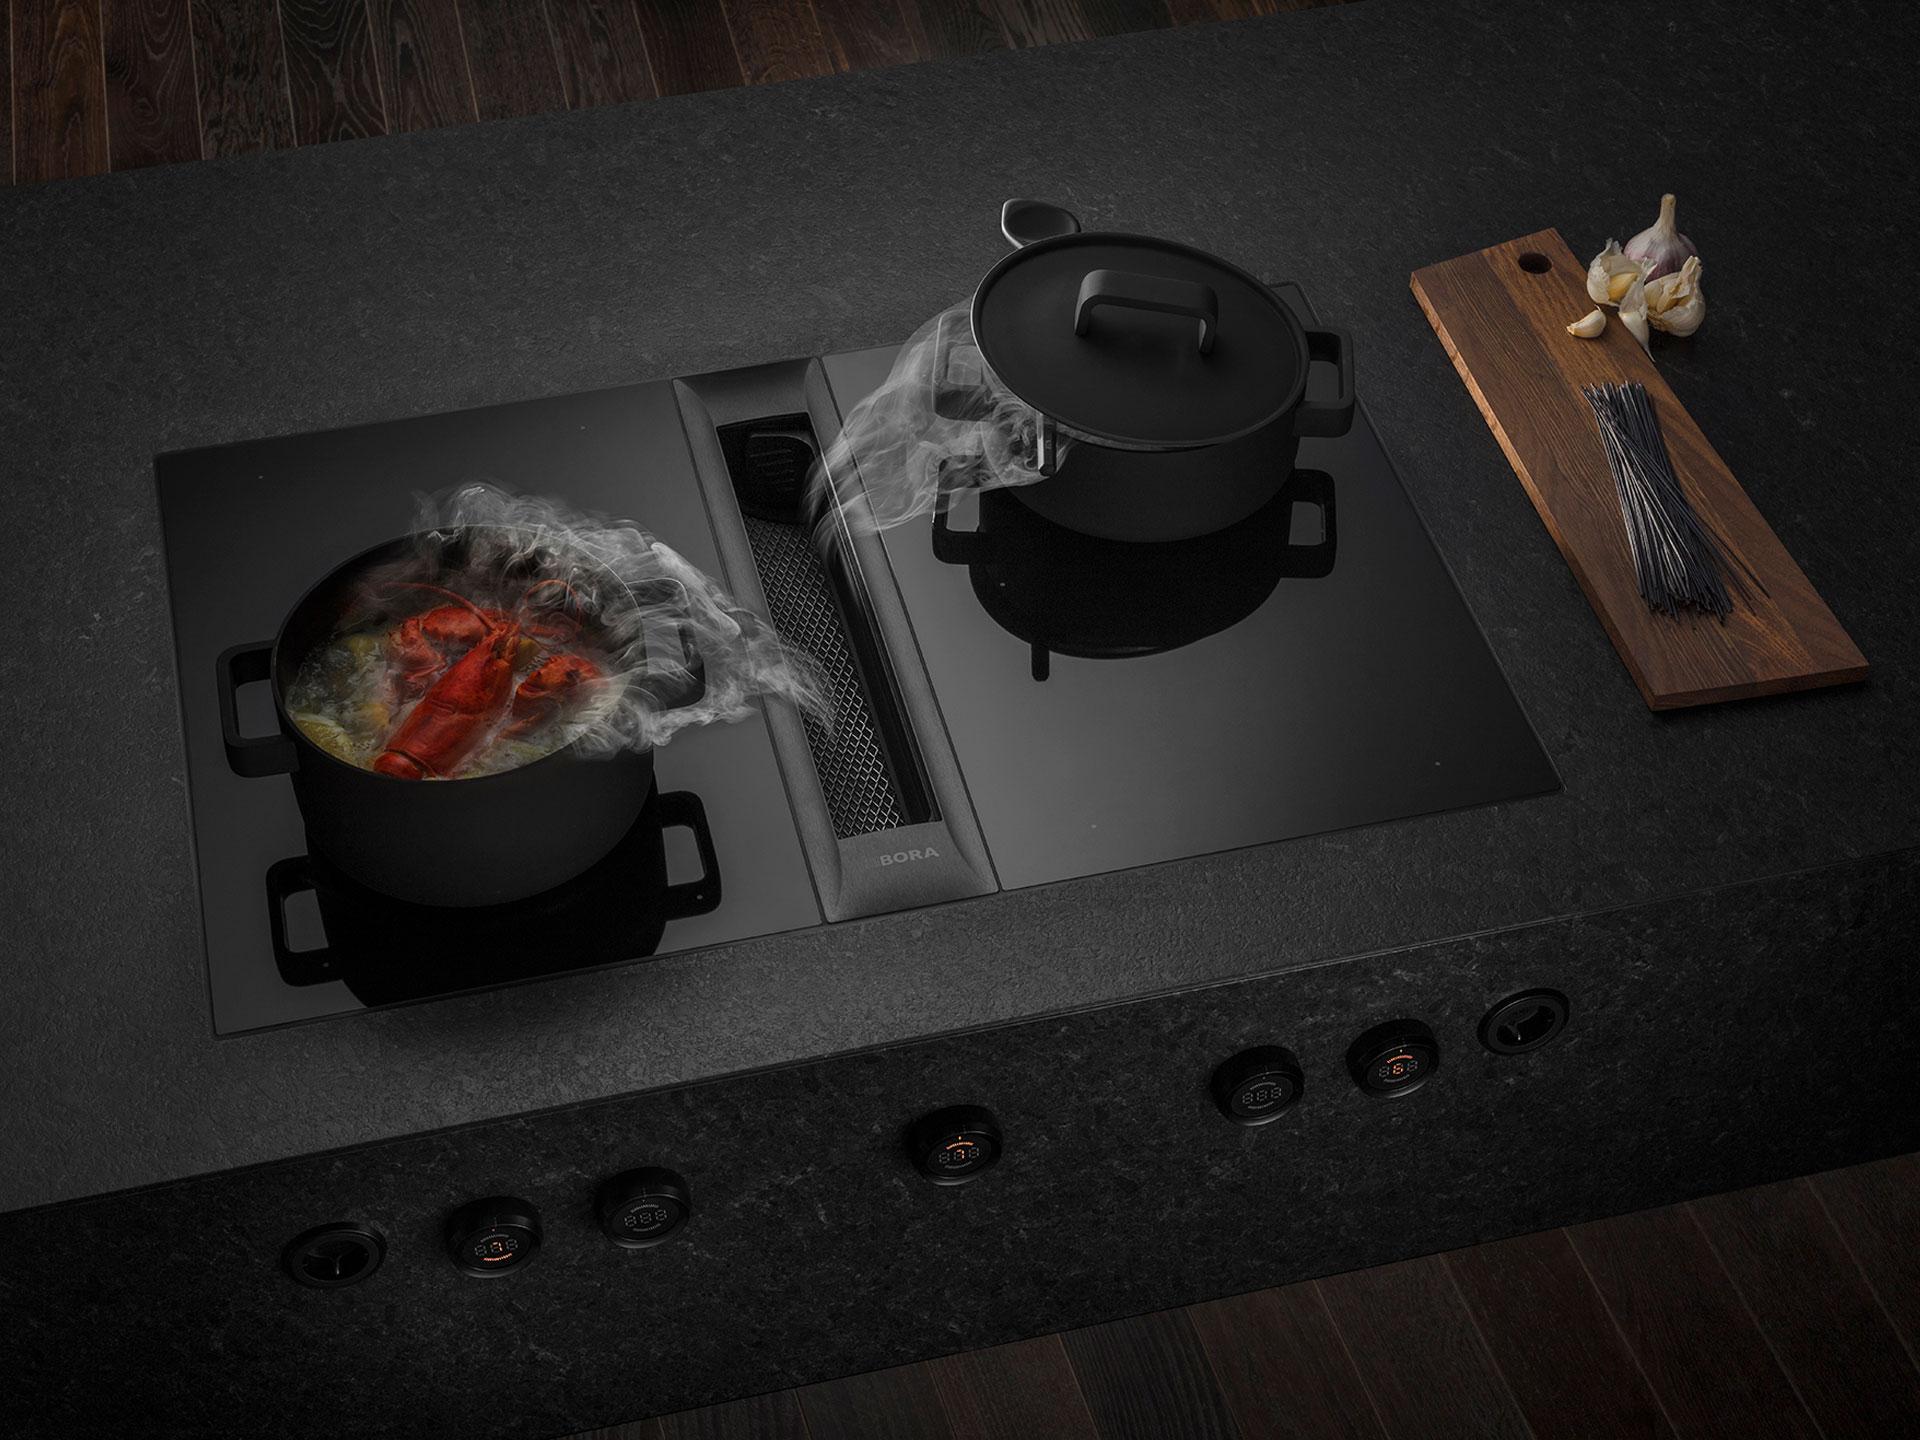 Dunstabzugsystems BORA PROFESSIONAL 3.0 in einer dunklen Granitarbeitsplatte verbaut mit zwei Kochtöpfen darauf